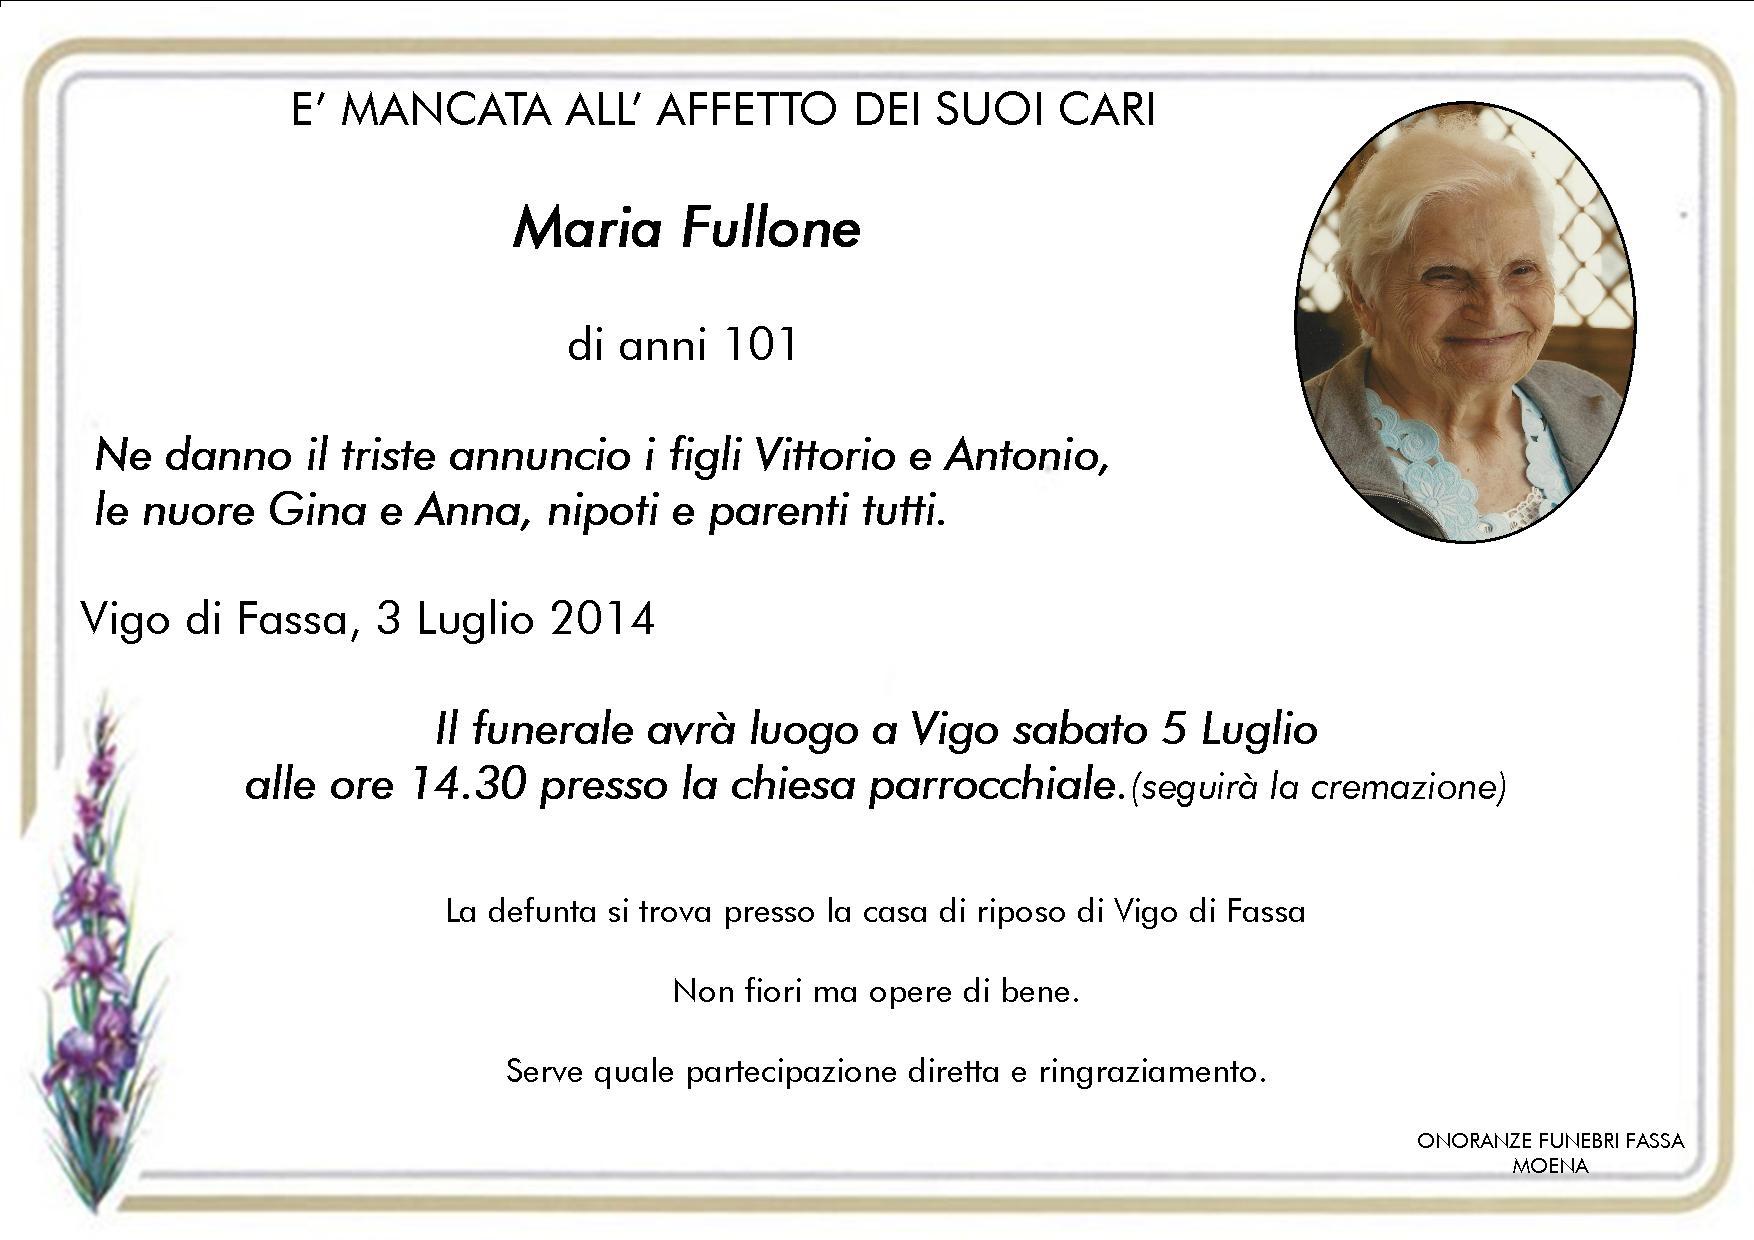 Maria Fullone